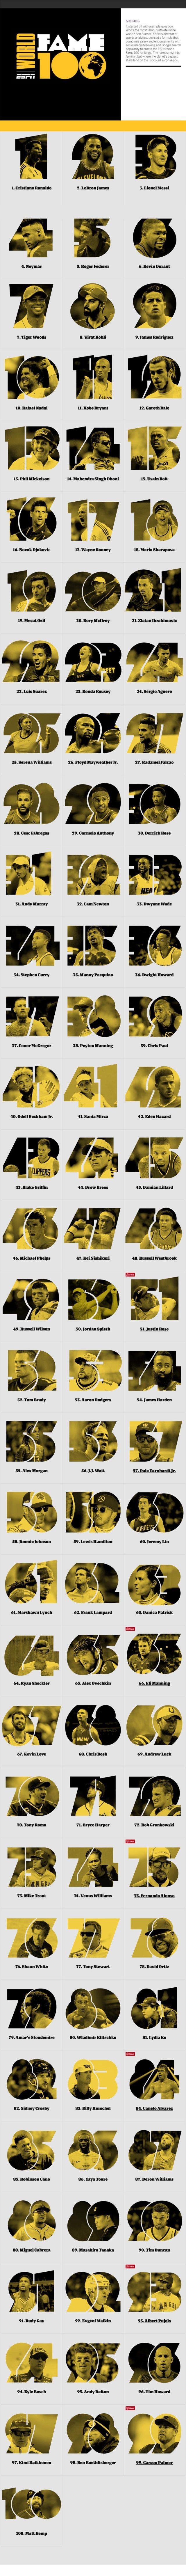 ESPN-s-World-Fame-100